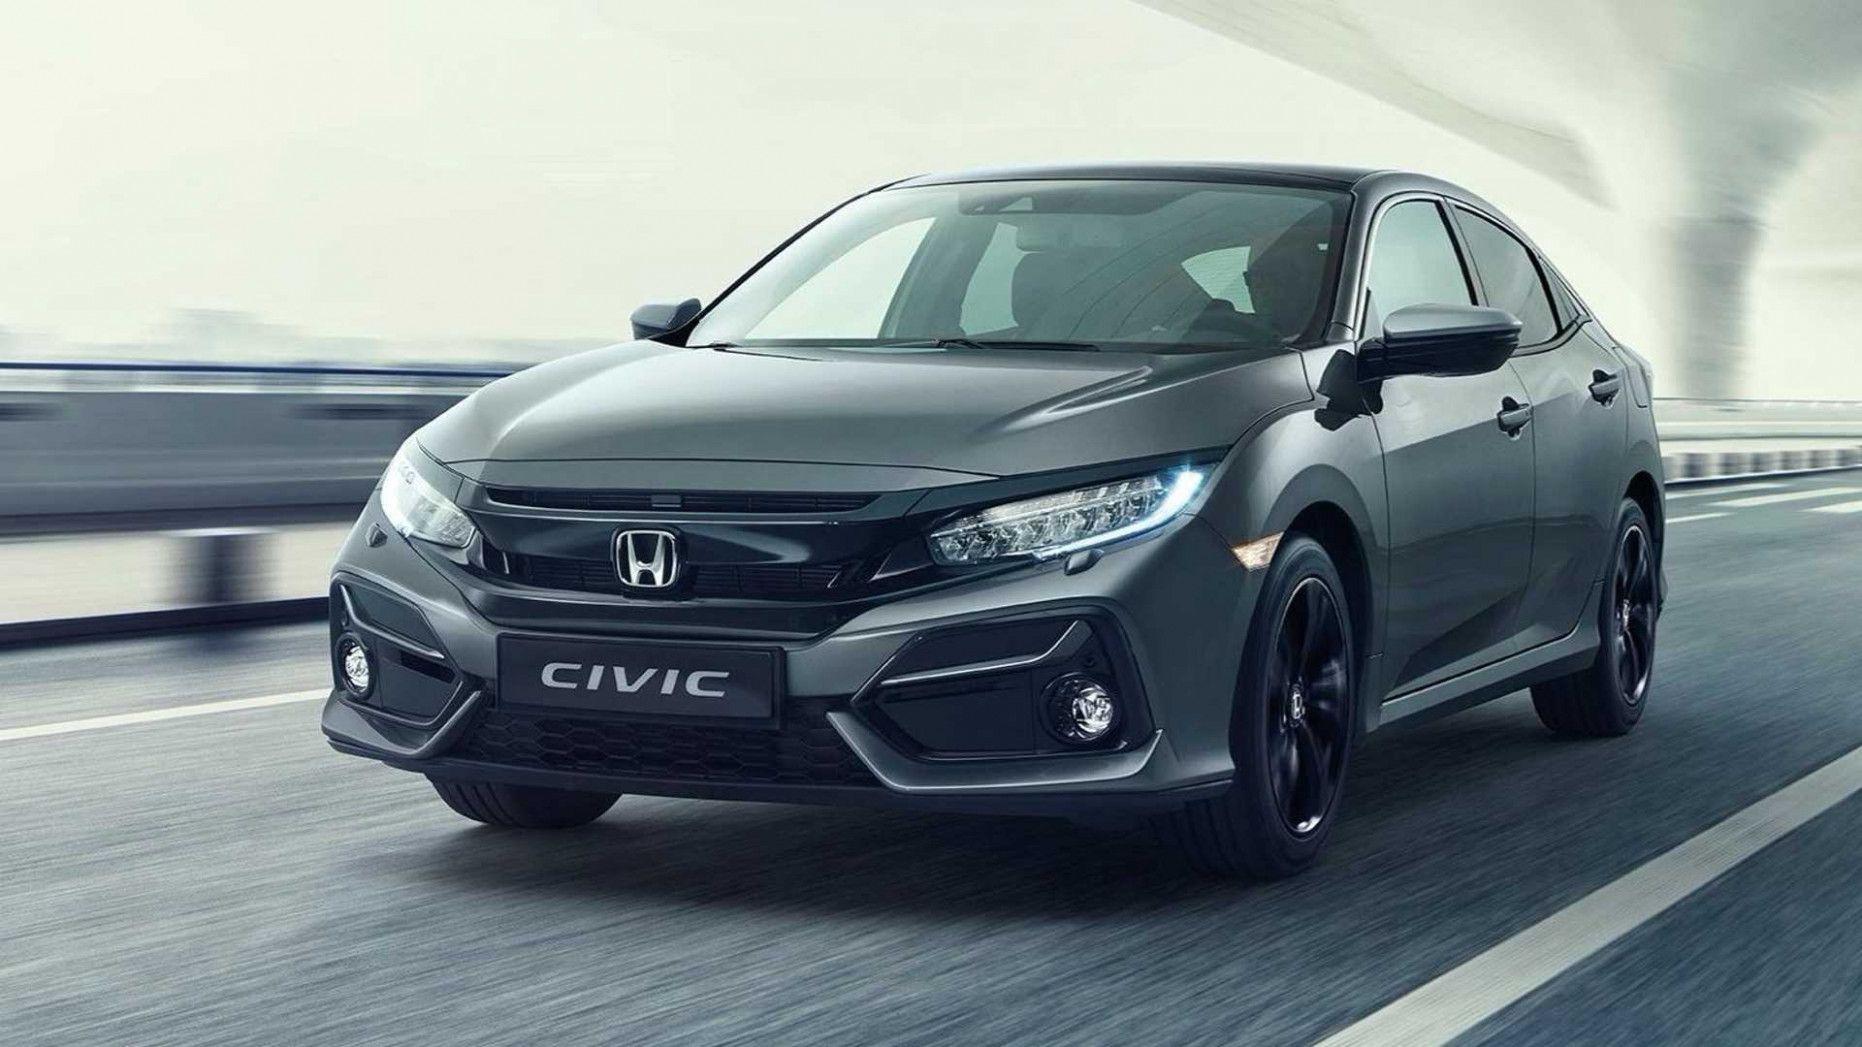 Honda Civic 2020 Ratings di 2020